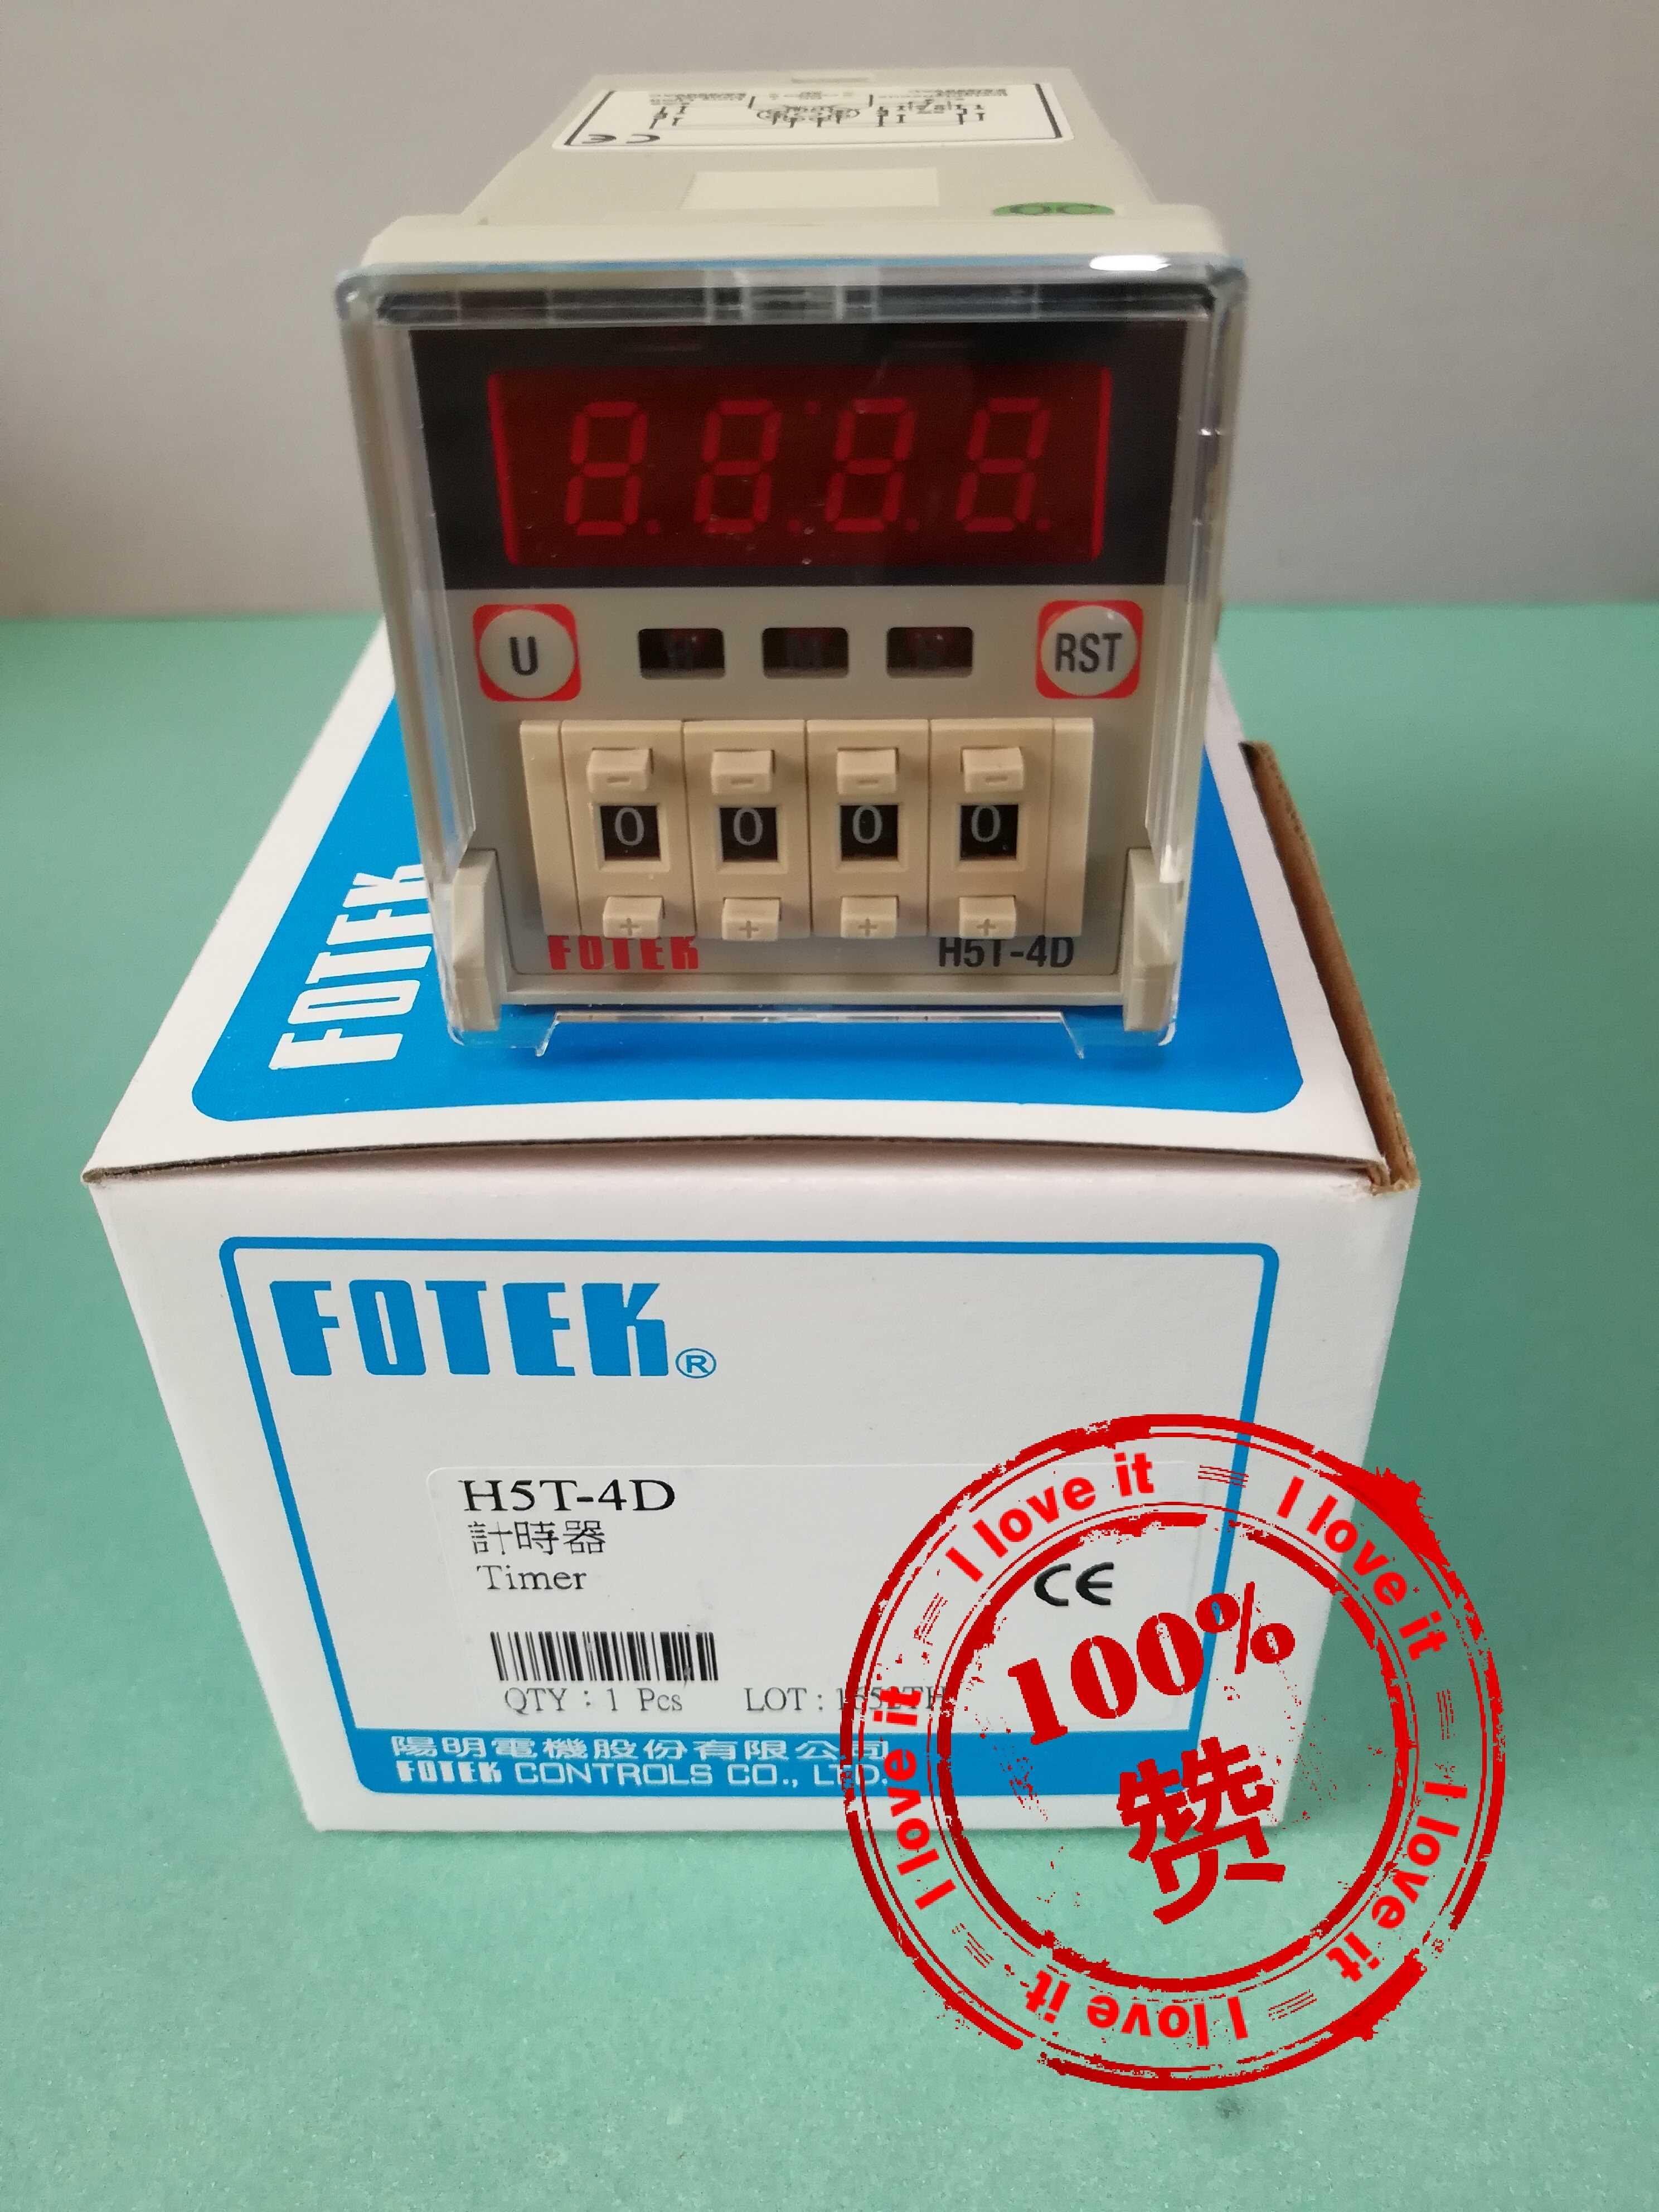 New Original 220V Timer H5T-4DNew Original 220V Timer H5T-4D